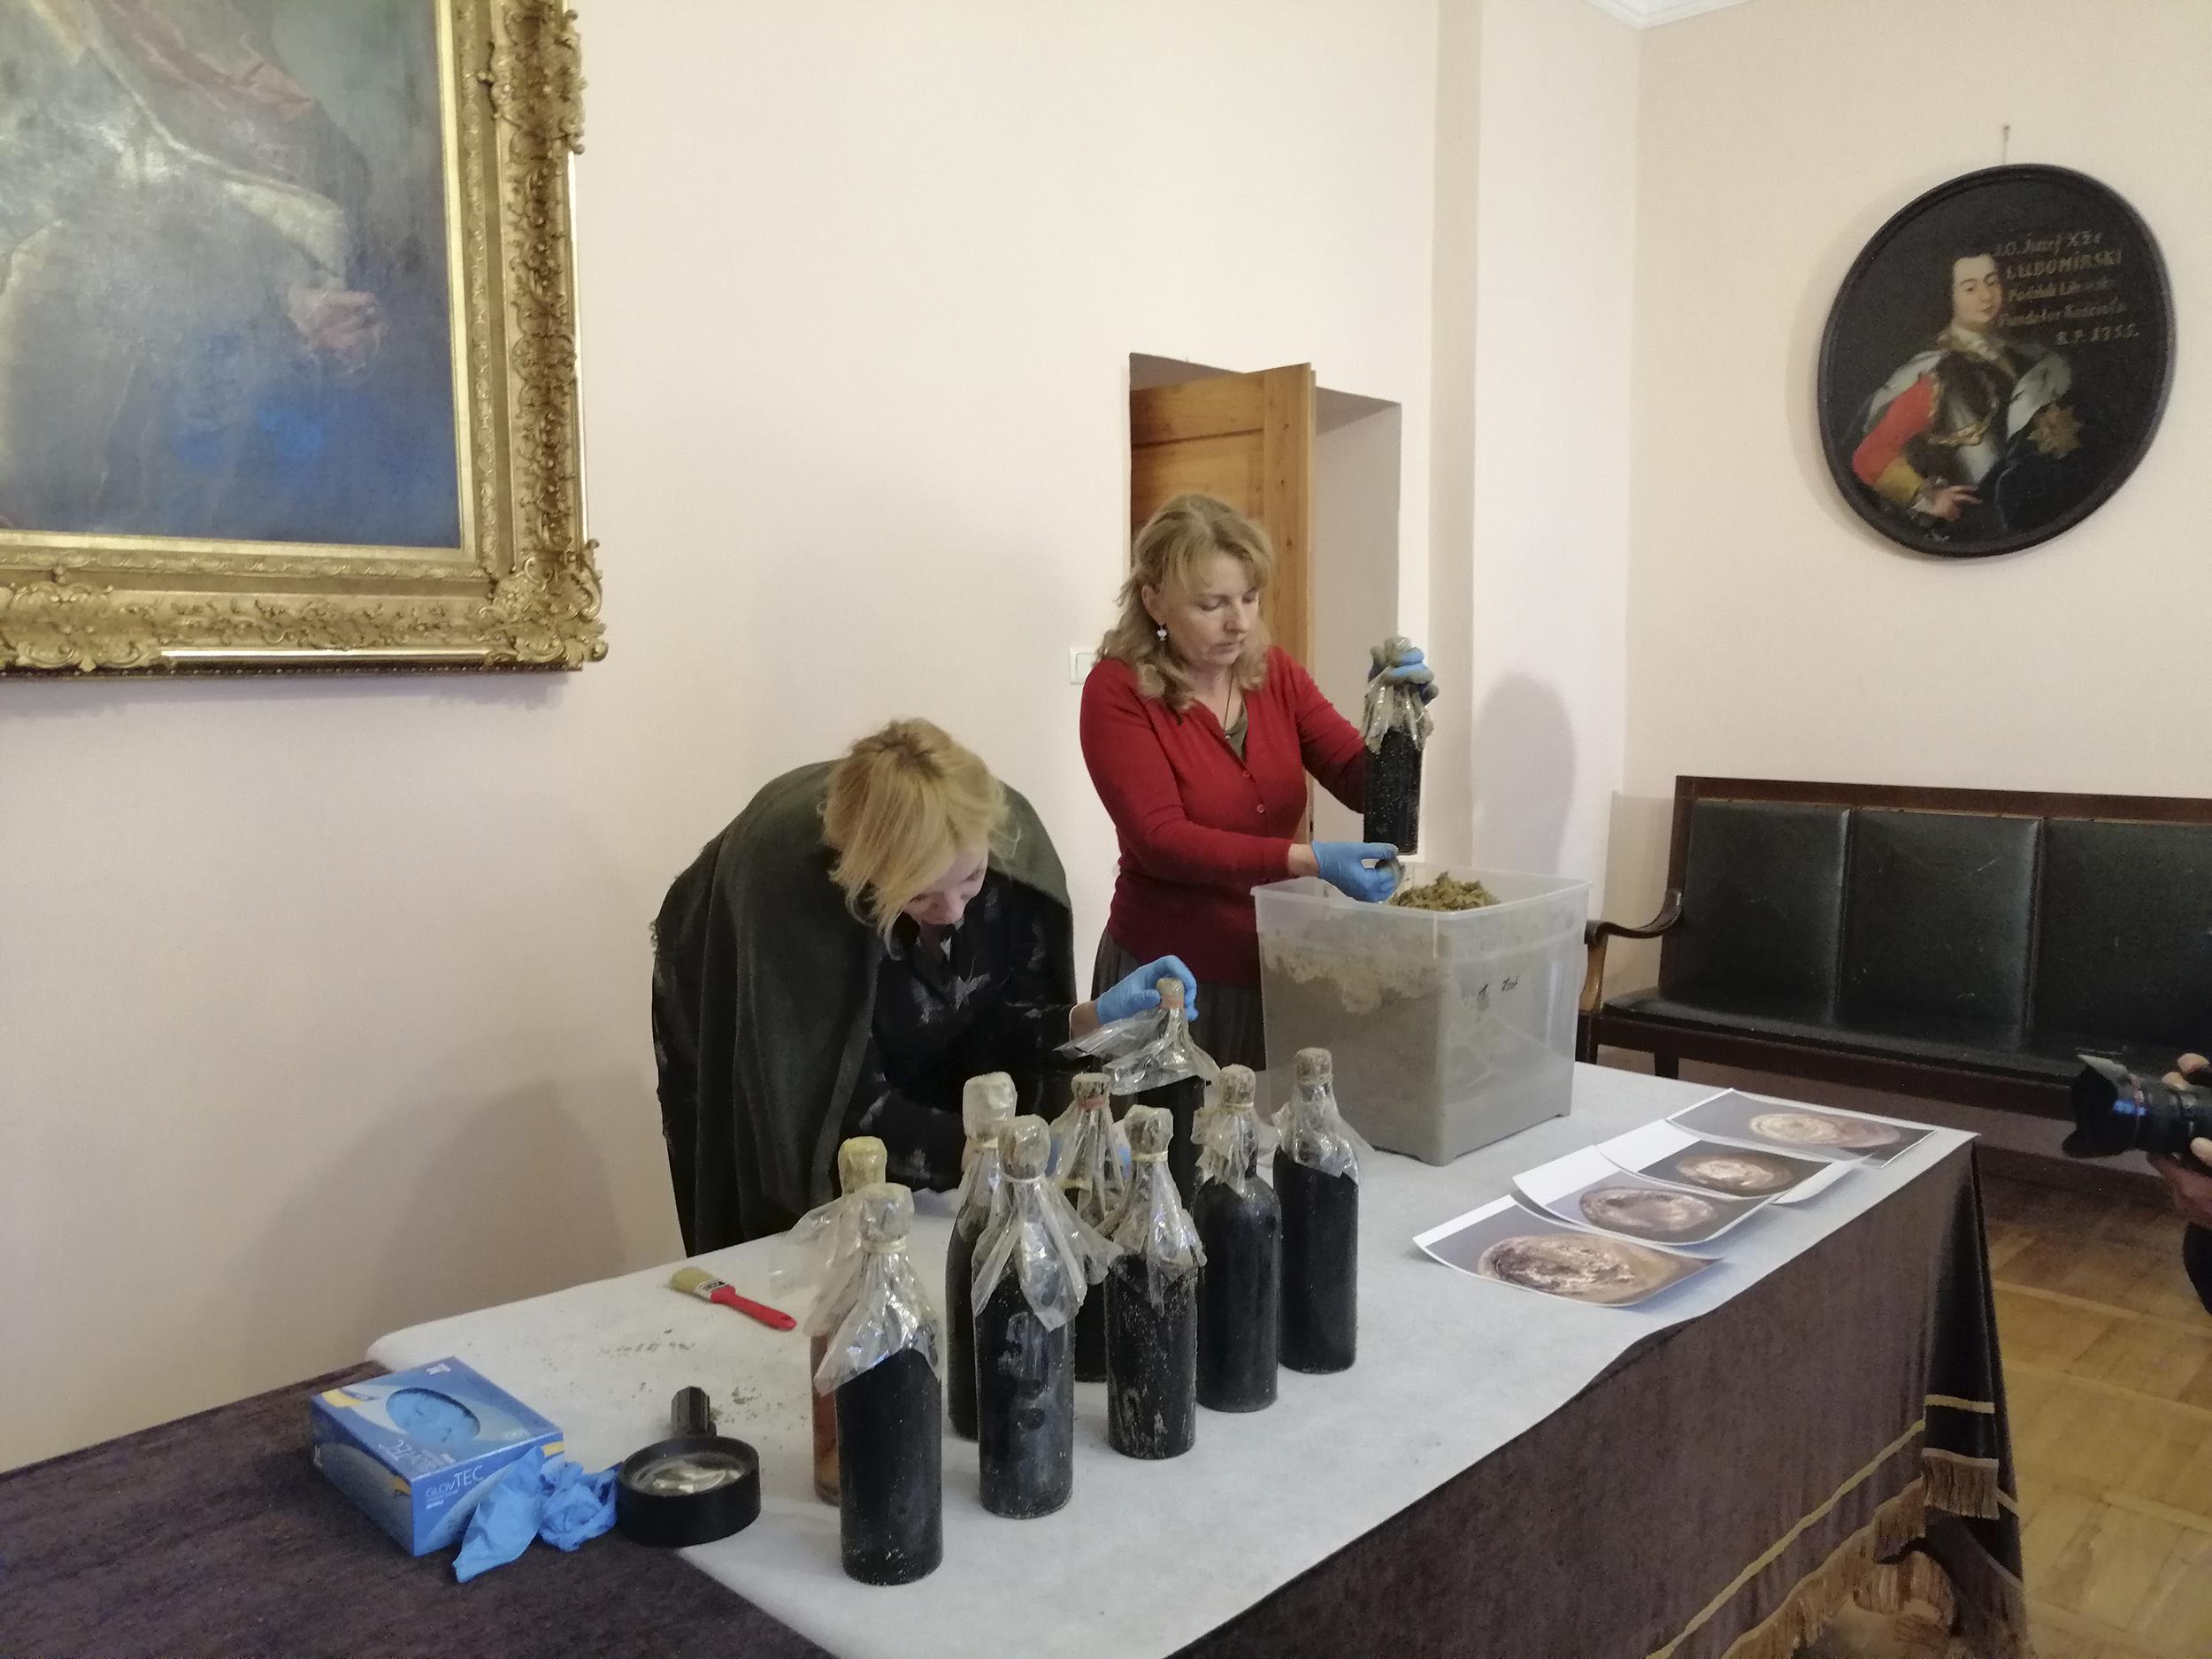 Fotografia. Dwie kobiety w lateksowych rękawiczkach. Jedna z nich nachyla się nad stołem i zabezpiecza szyjkę butelki z winem folią, druga wkłada zabezpieczone butelki do pojemnika wypełnionego piachem. Przed nimi osiem zabezpieczonych folią butelek z ciemnego szkła.